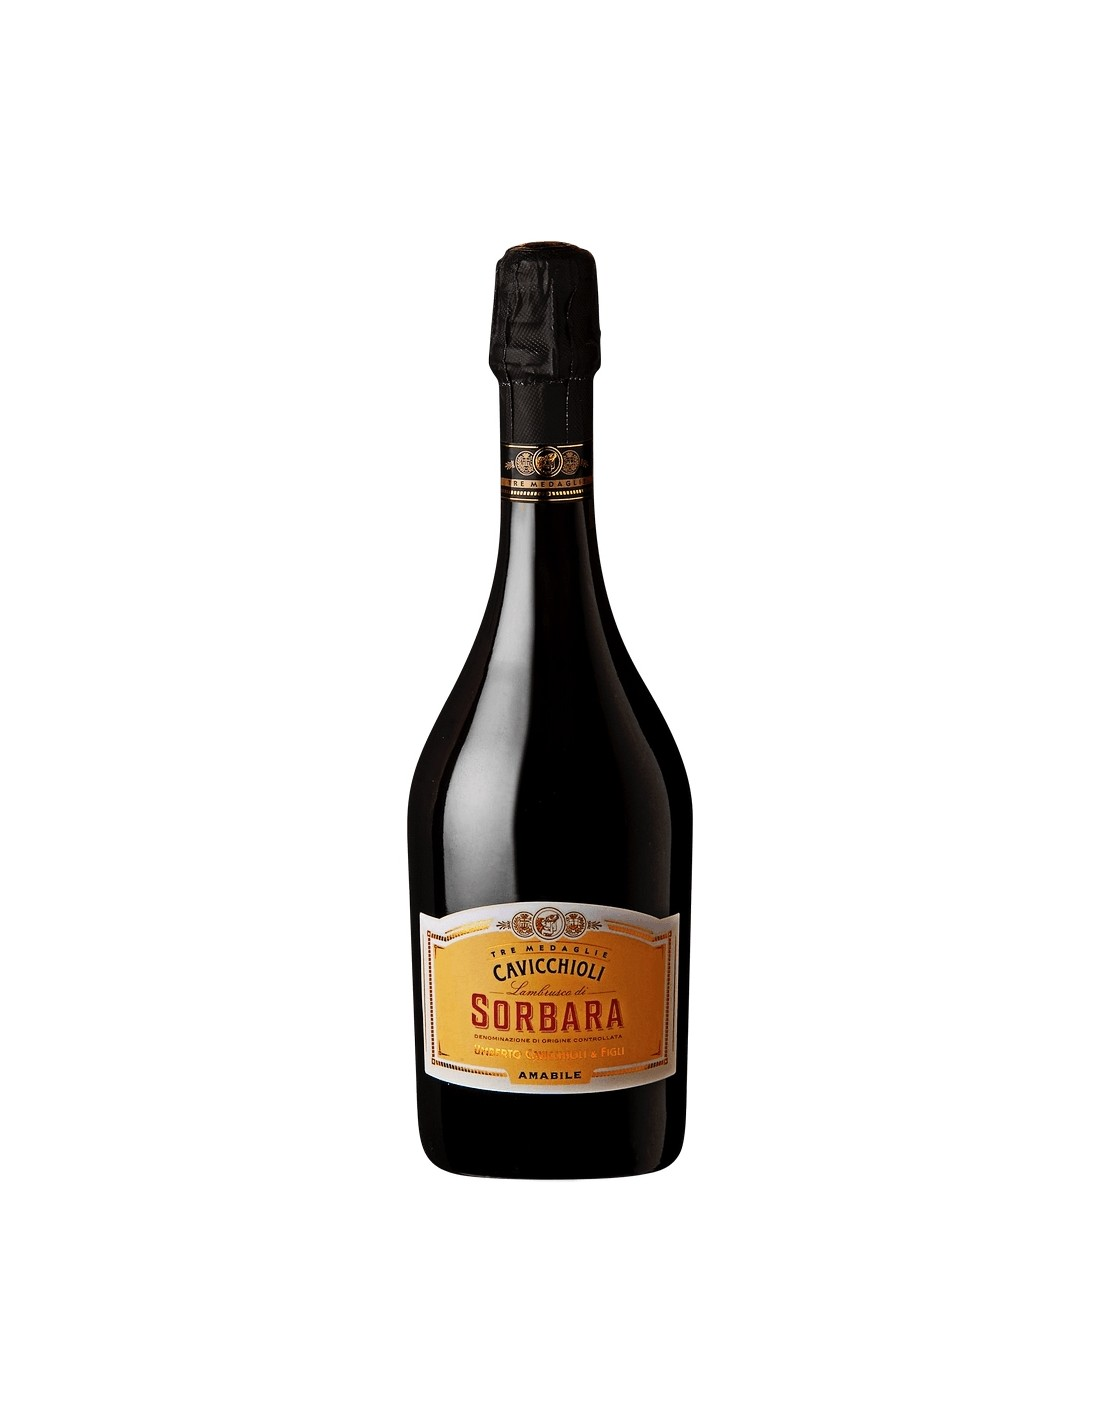 Vin frizzante Cavicchioli Sorbara Amabile, 8% alc., 0.75L, Italia